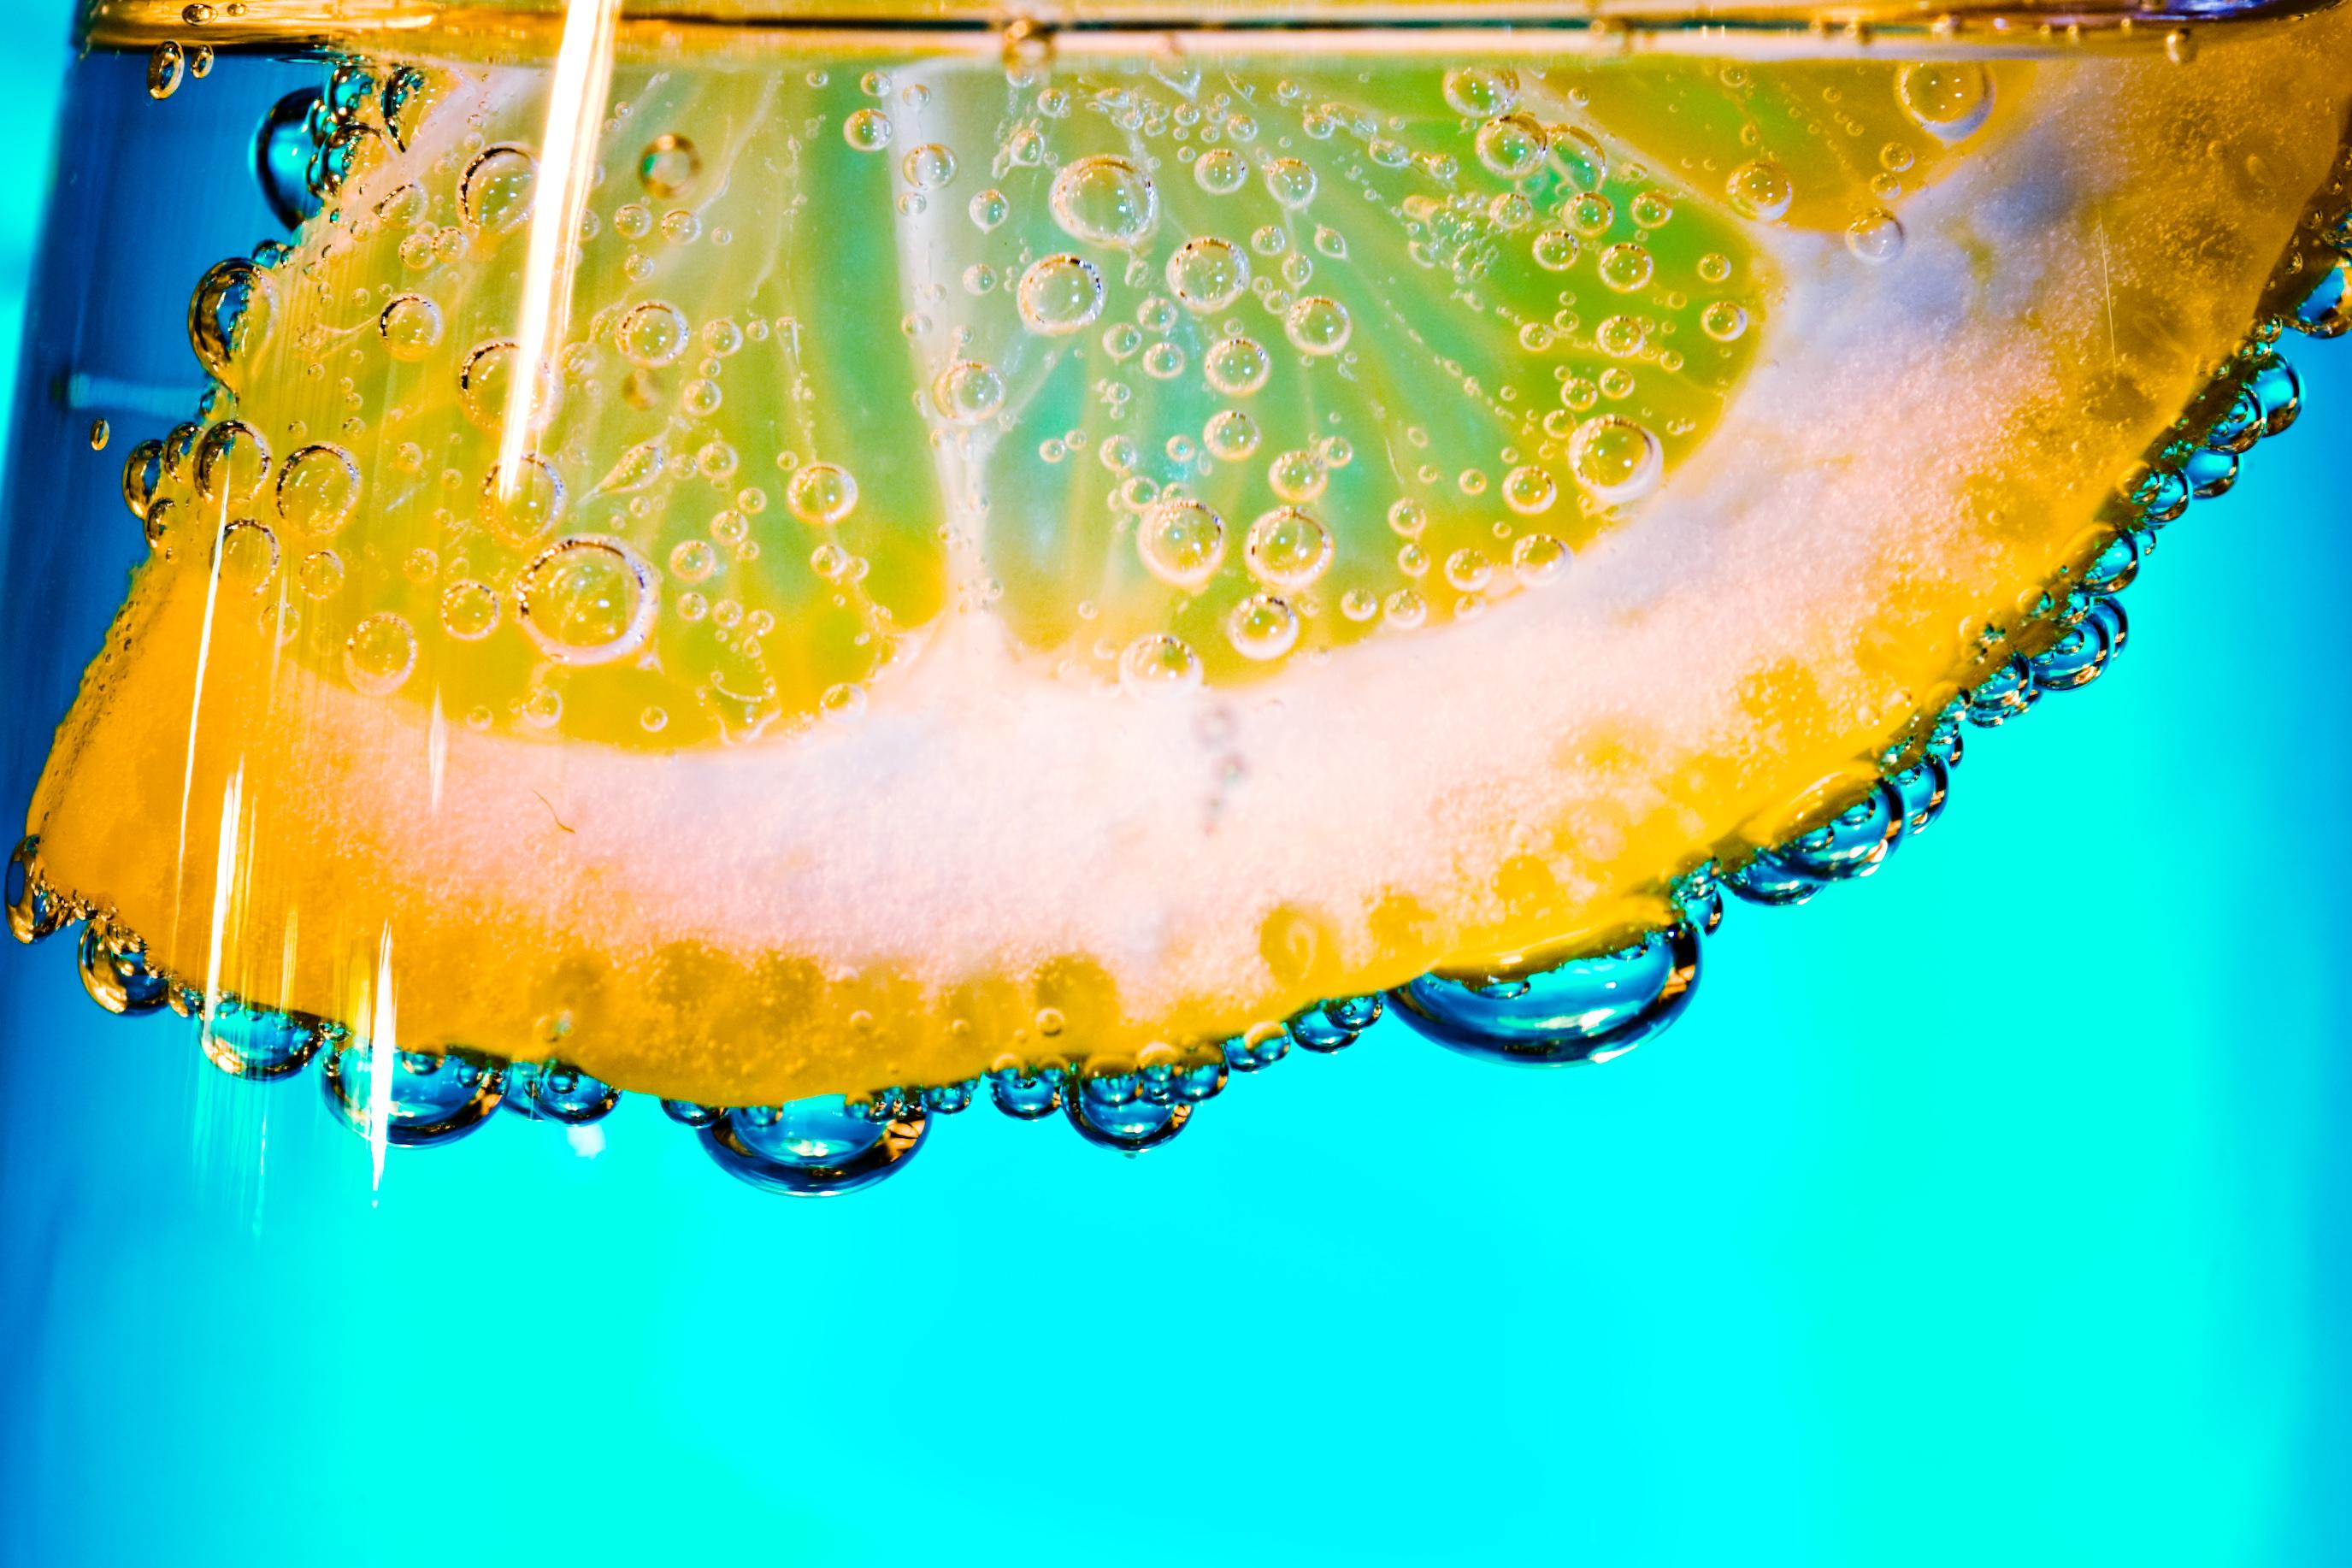 quanto peso posso perdere bevendo solo acqua